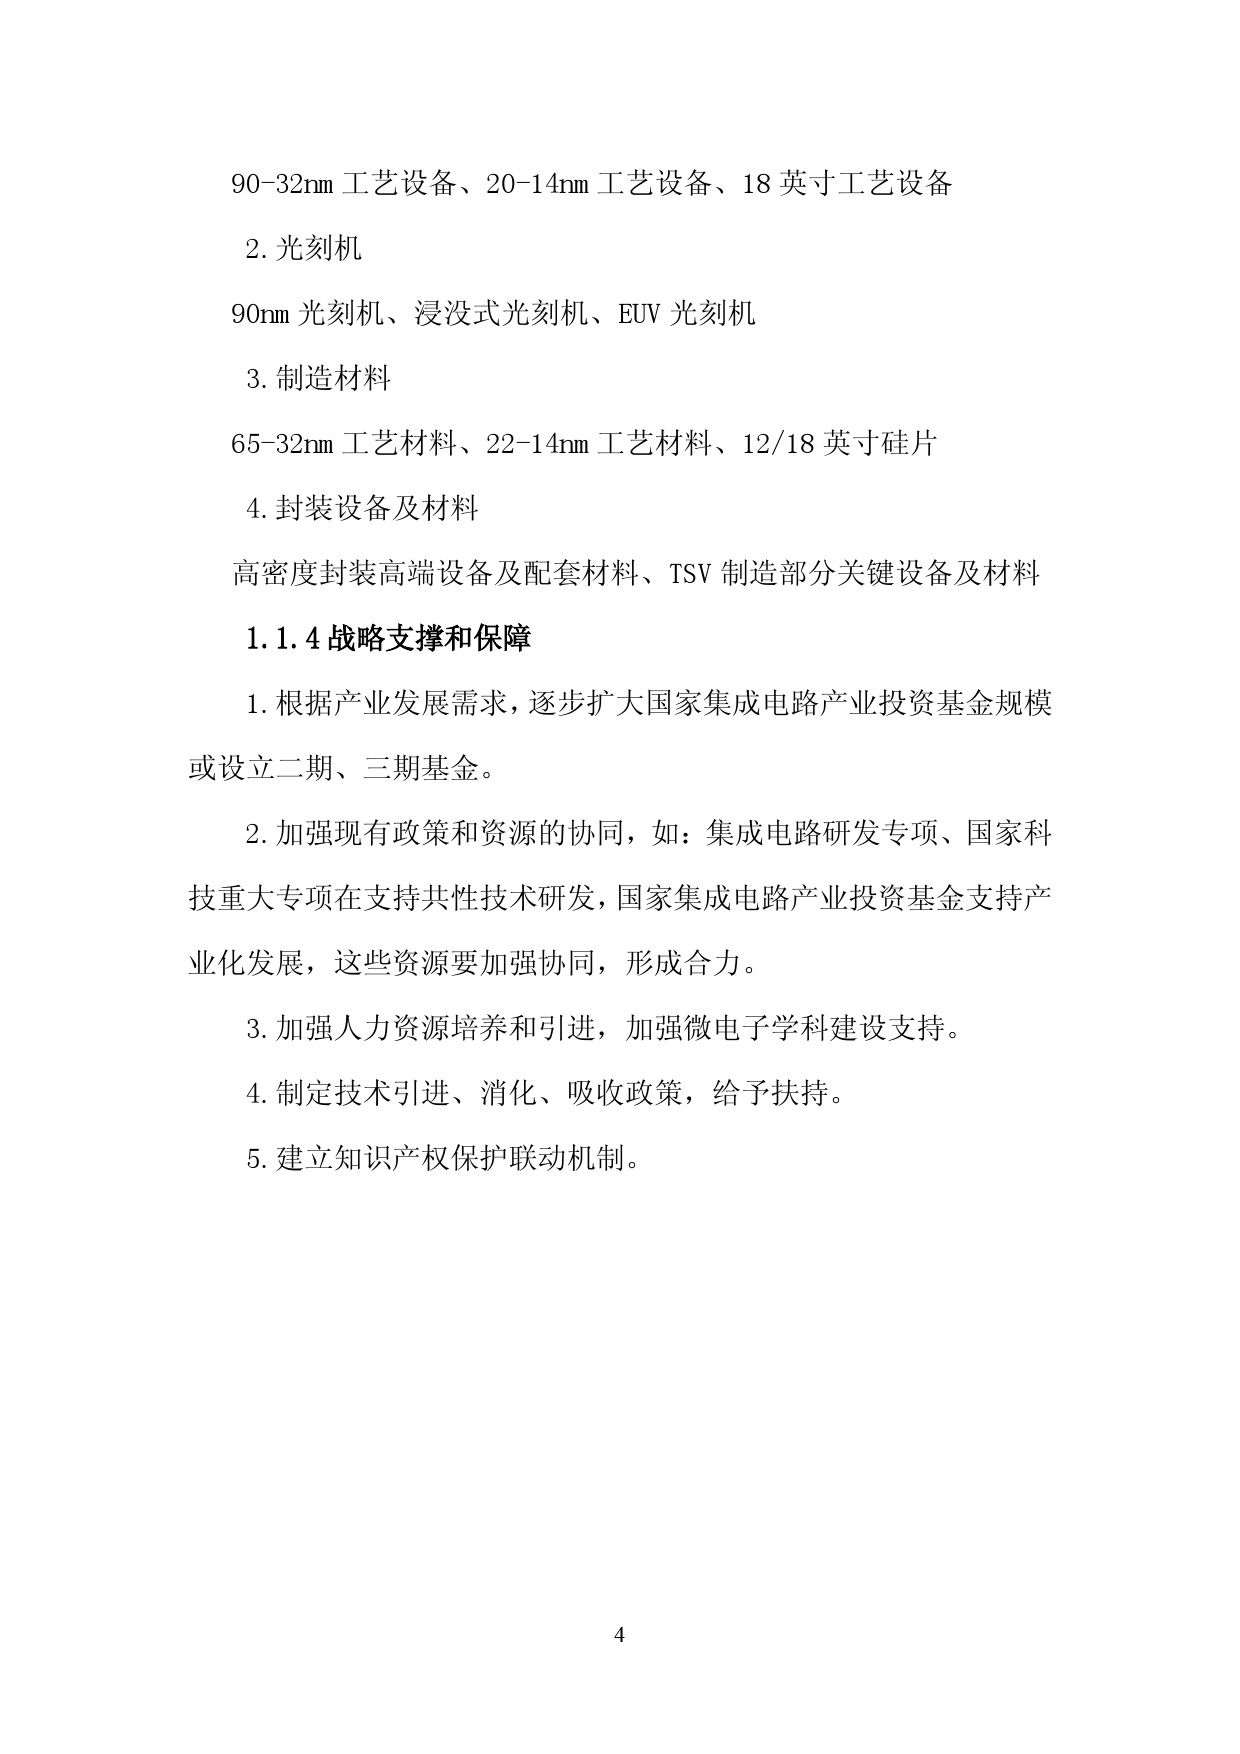 《中国制造 2025》重点领域技术路线图_000010